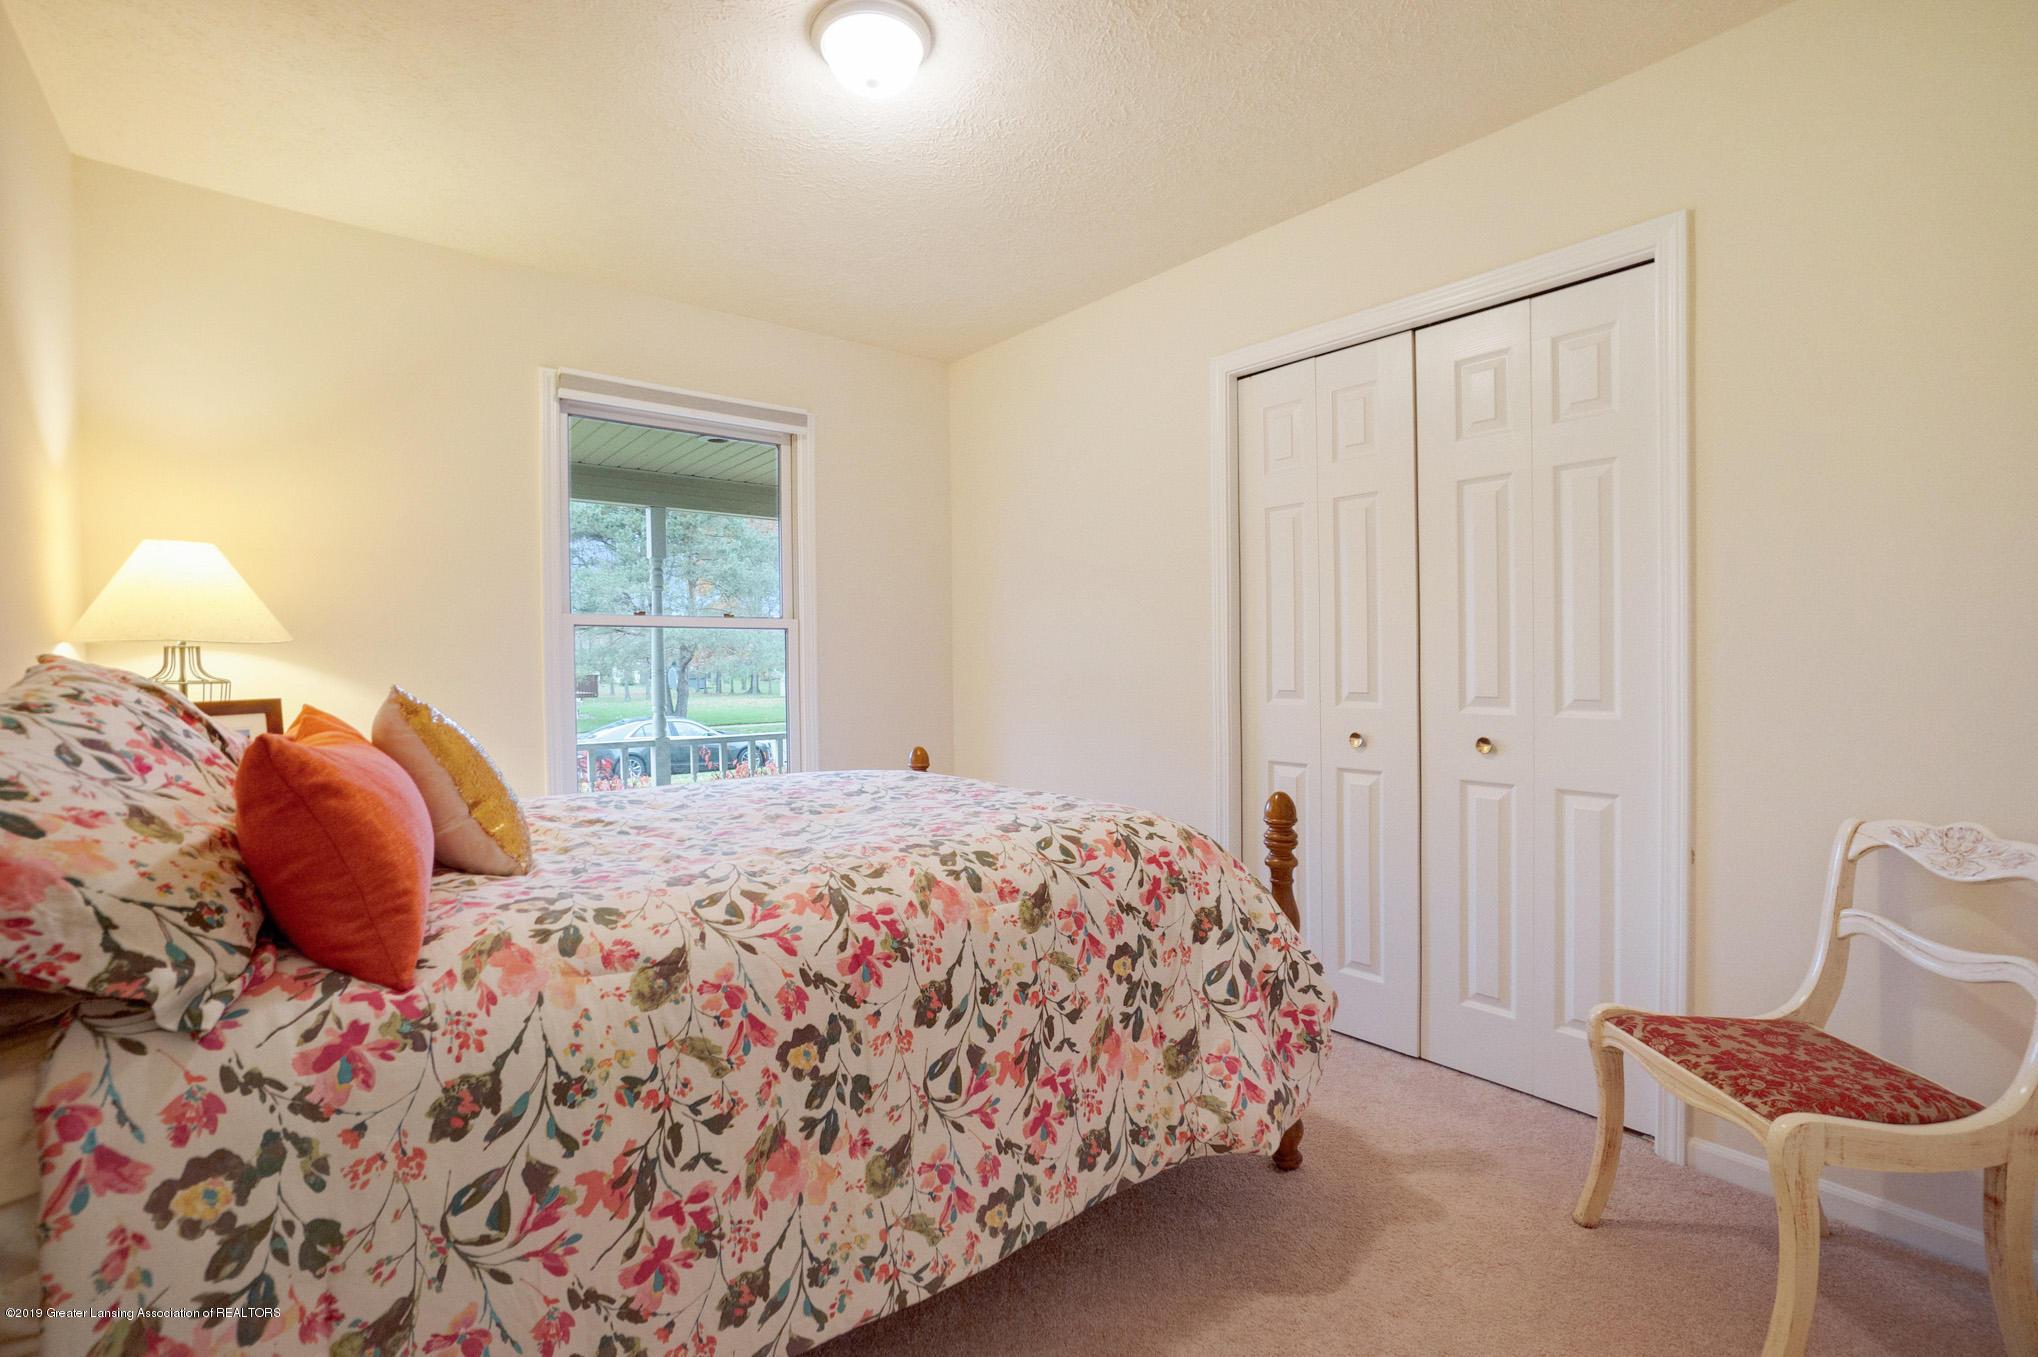 2540 Cunningham Dr - Bedroom - 25